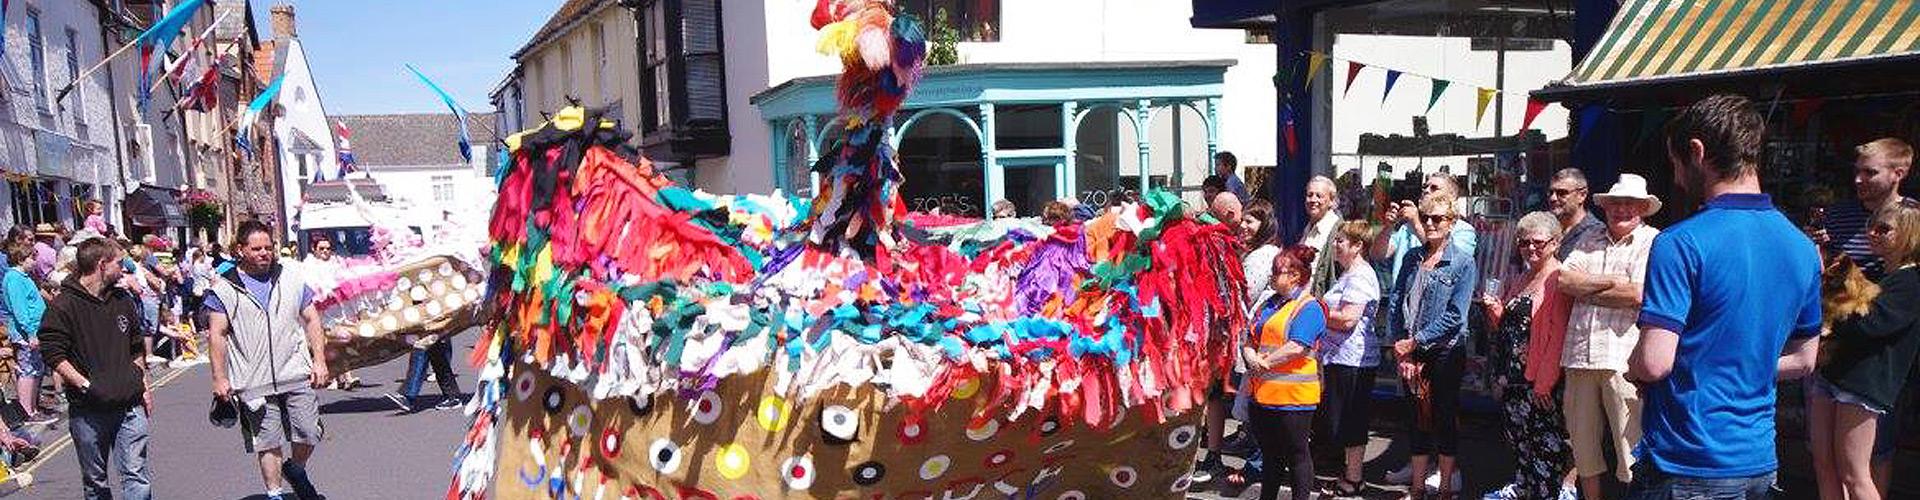 Watchet Carnival Parade Hobby Horse